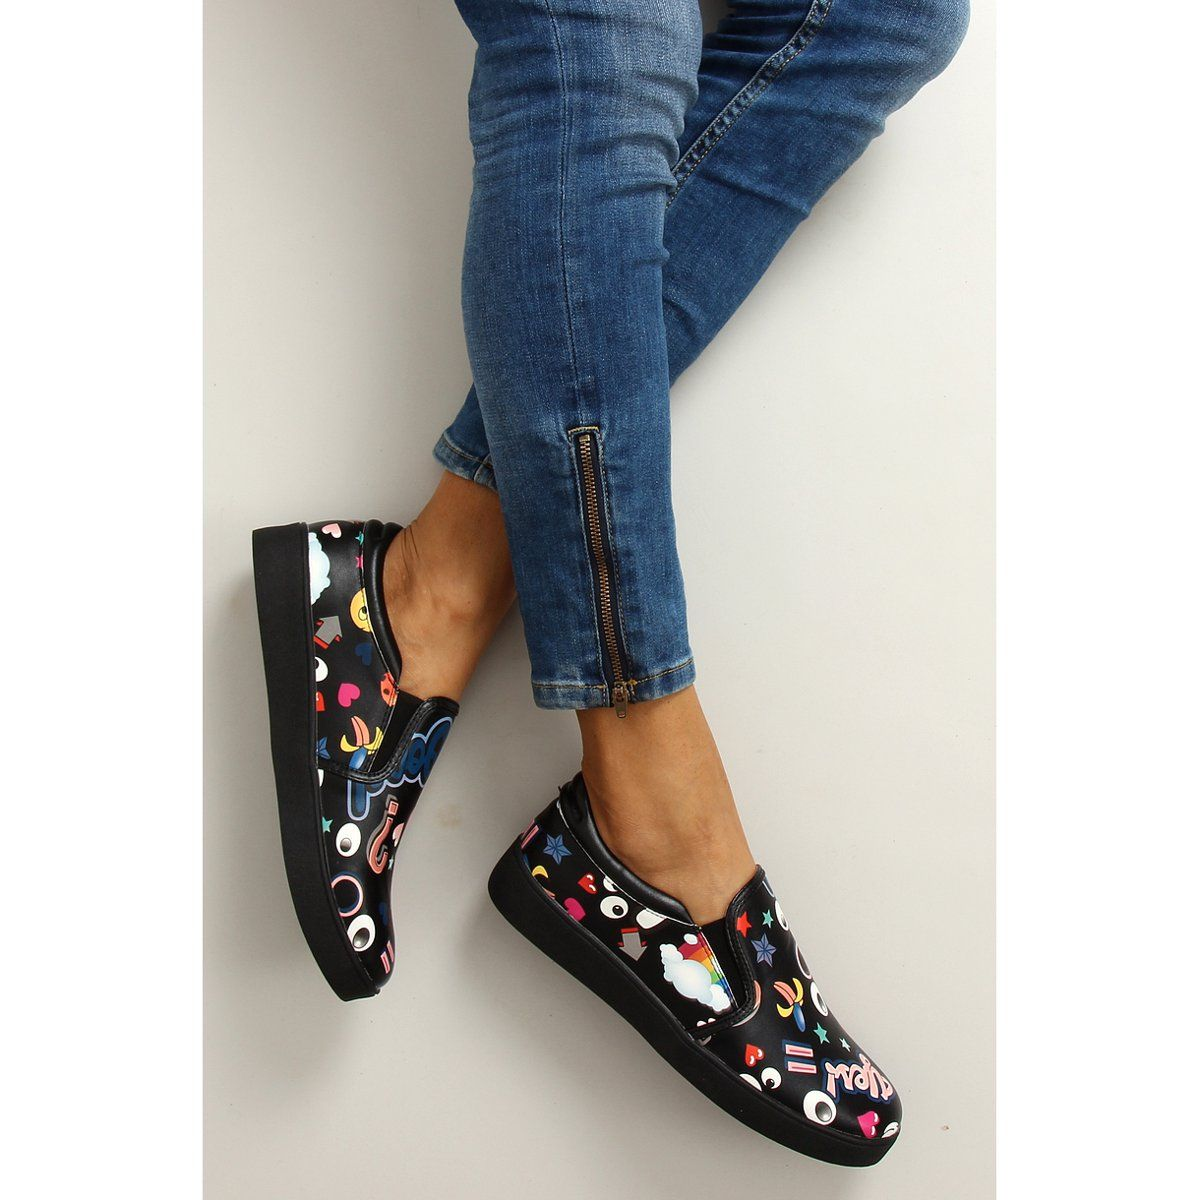 Sportowe Damskie Obuwiedamskie Czarne Slipony Komiksowe 6120 Black Obuwie Damskie Shoes Gucci Mules Mule Shoe